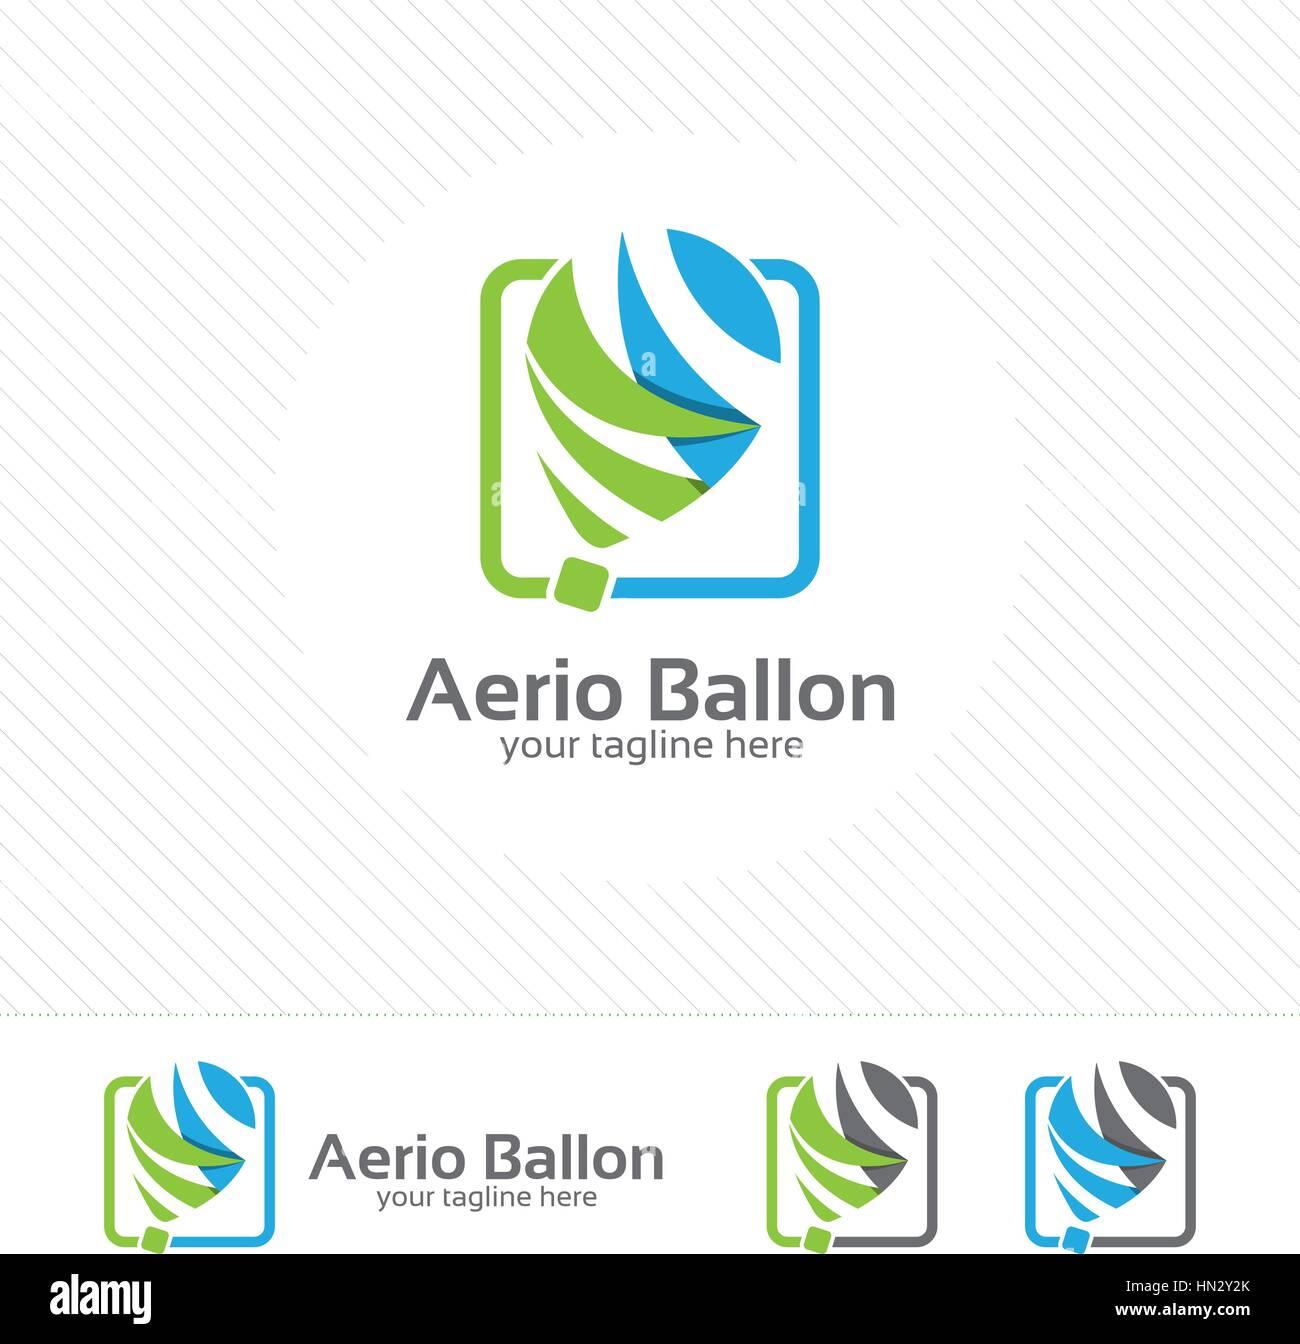 Air Balloon Logo Vector With Simple Modern Design Concept